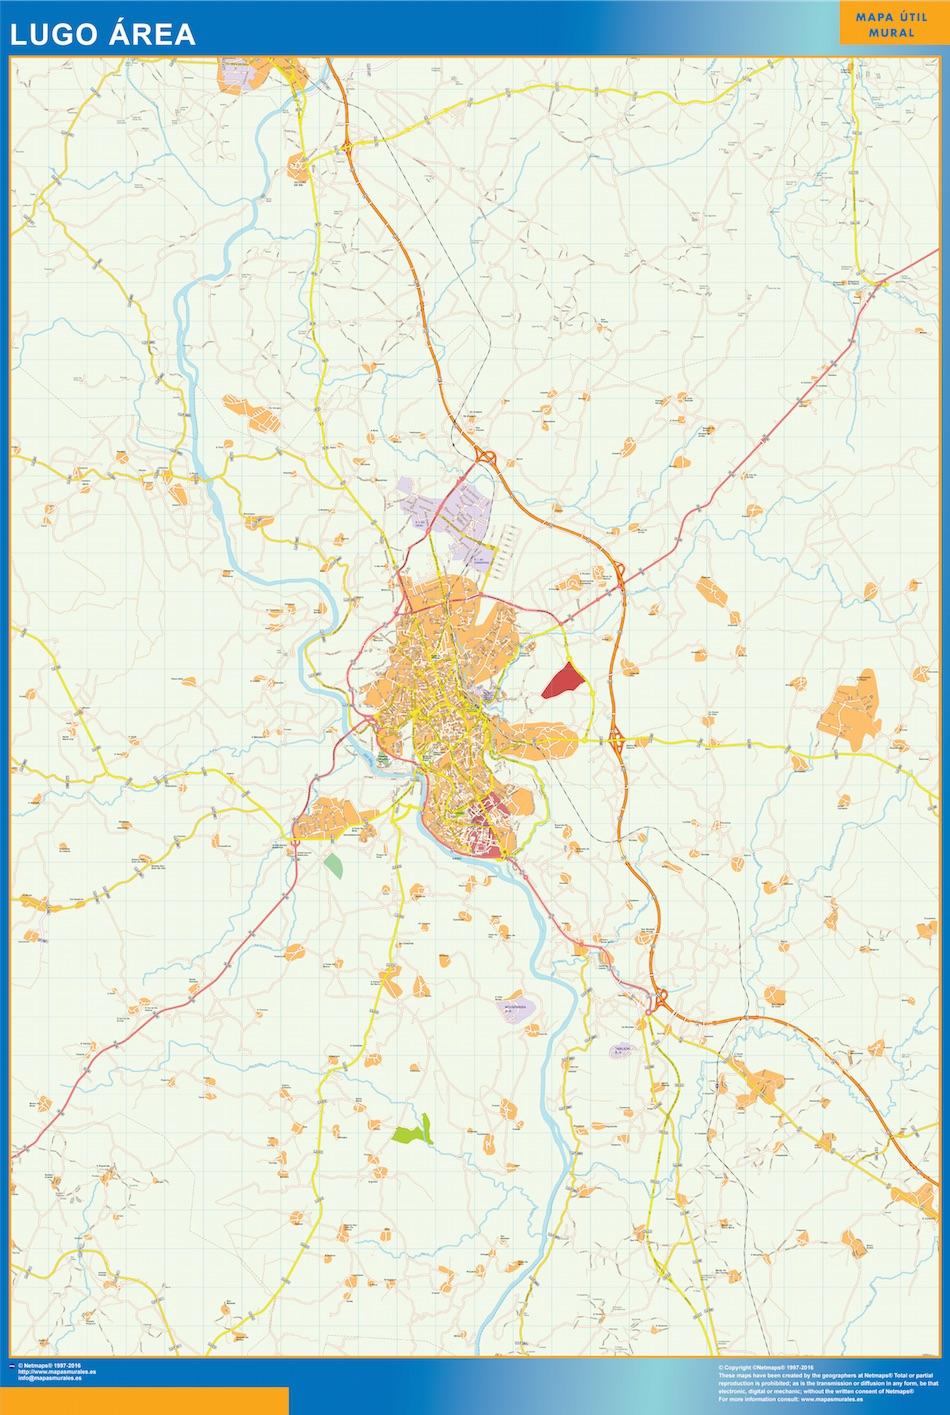 Mapa carreteras Lugo Area plastificado gigante